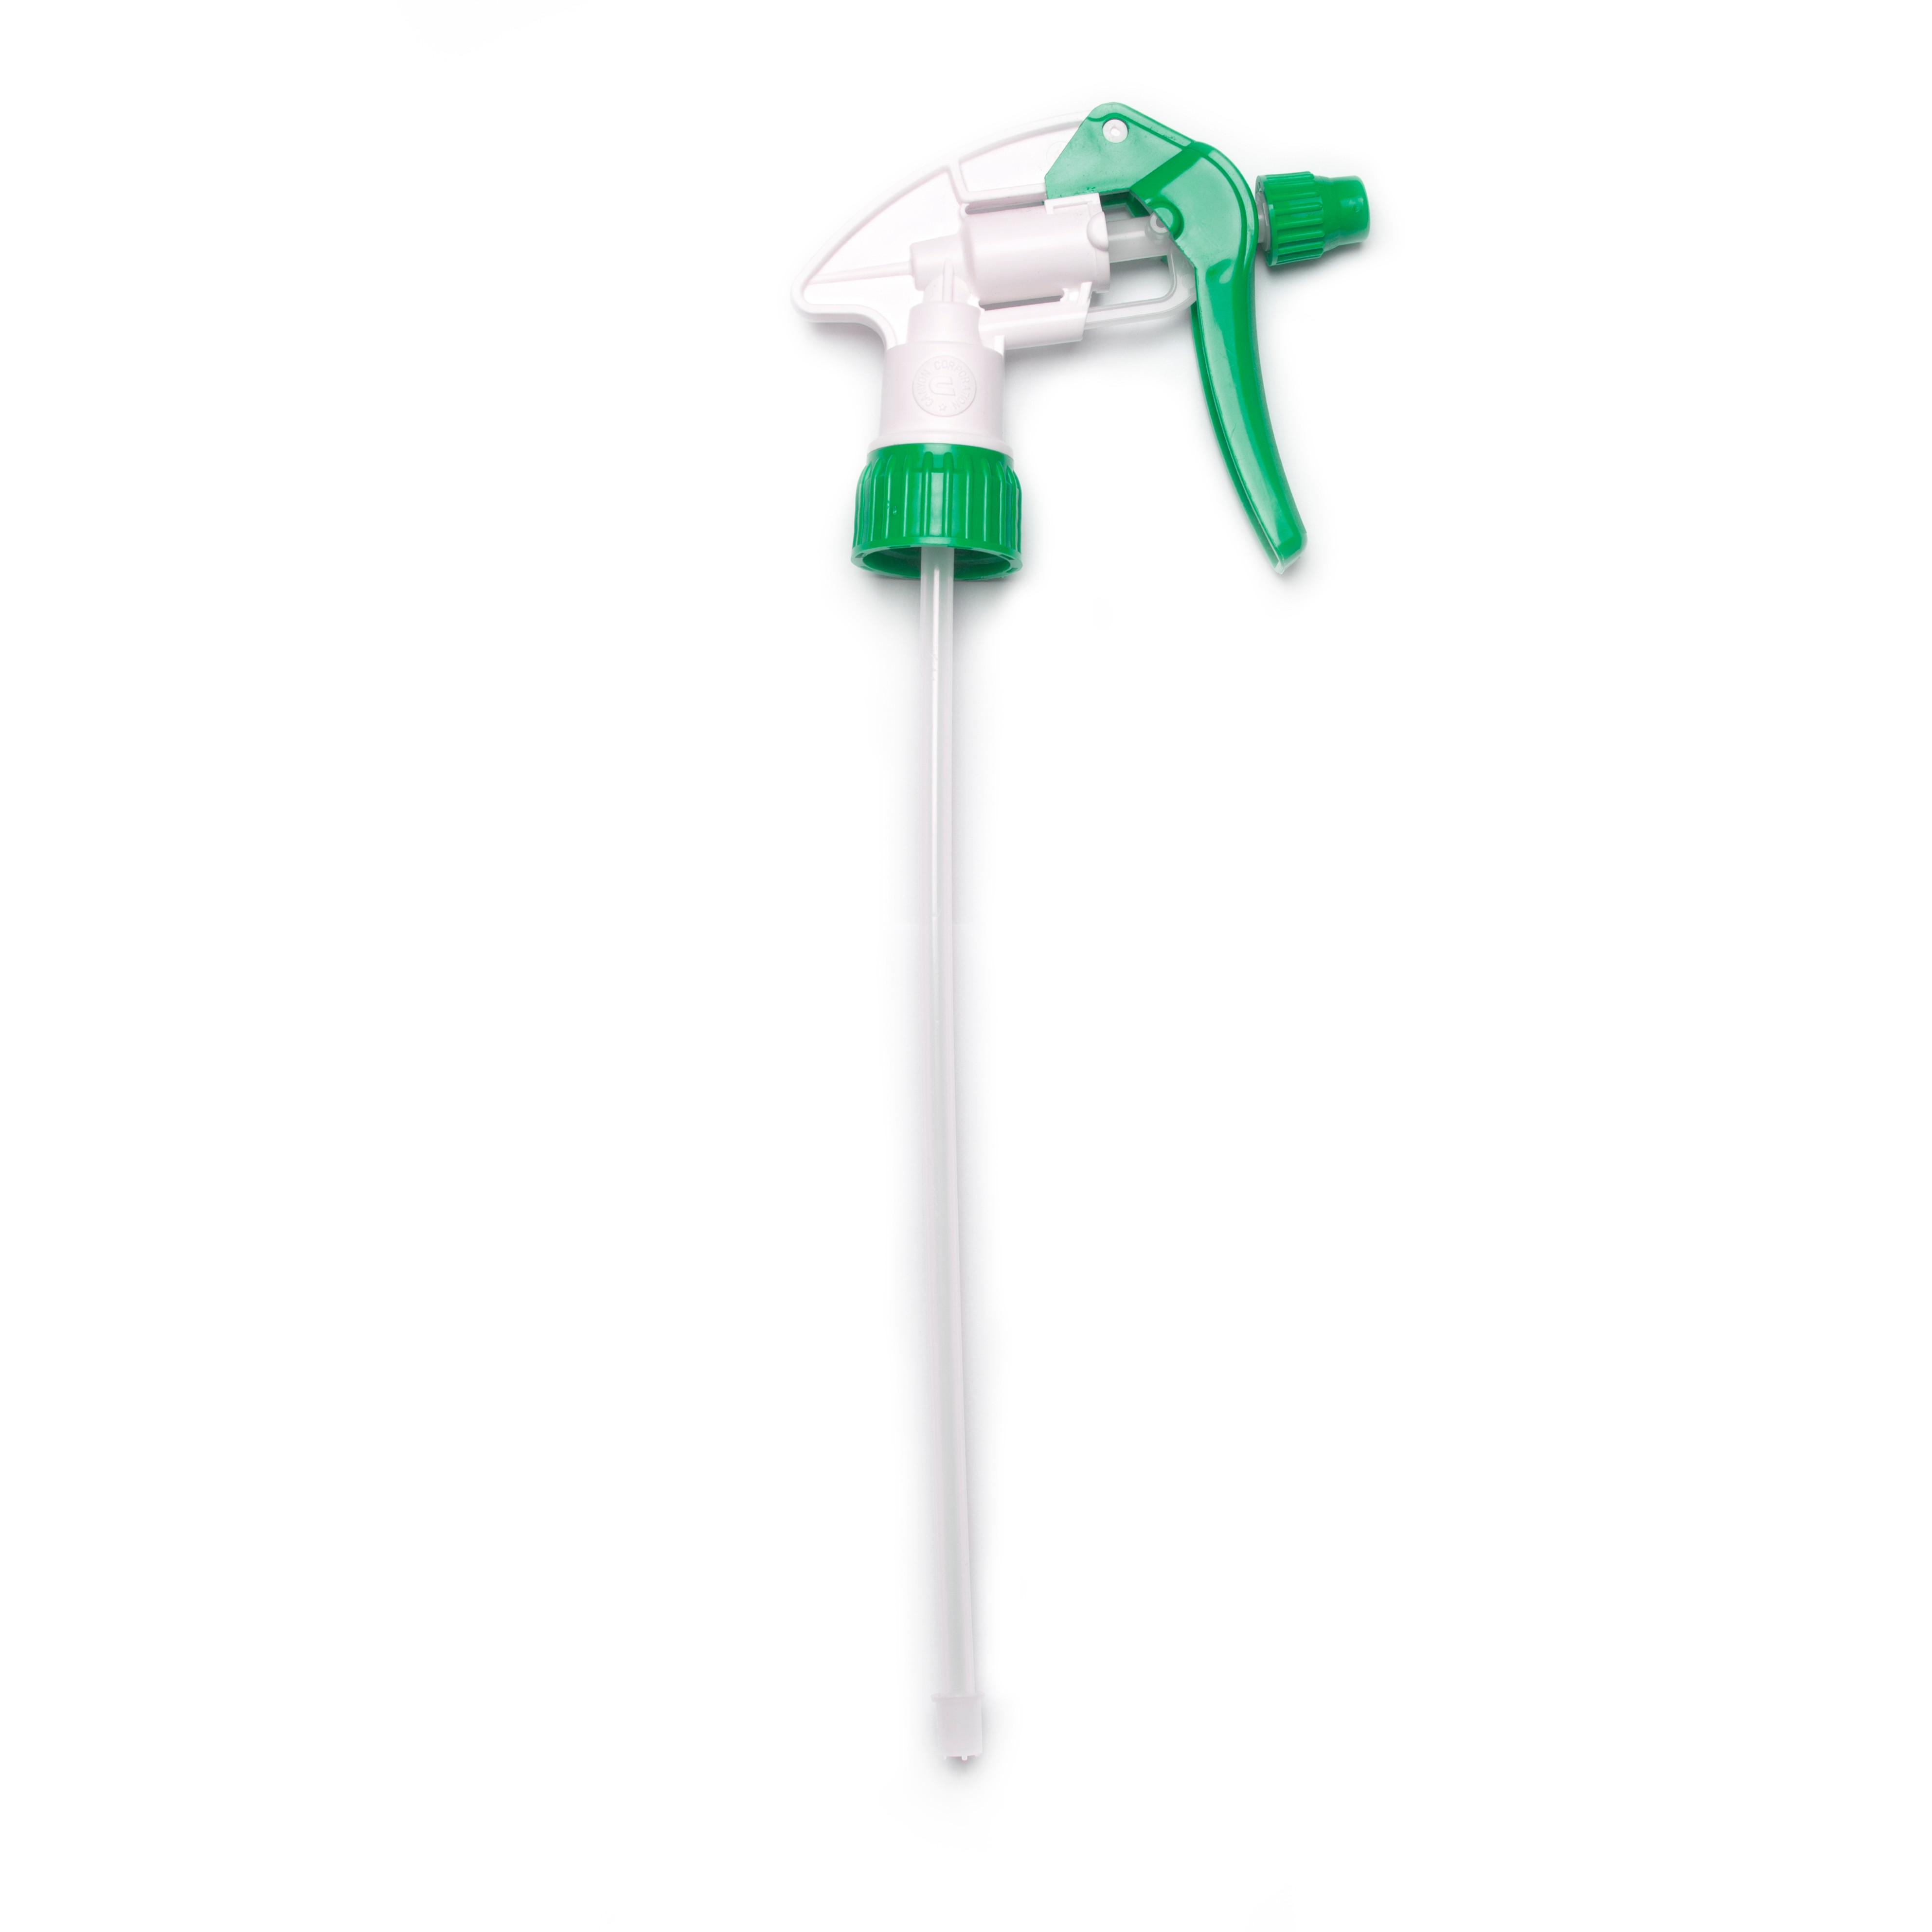 Sprayer - Green